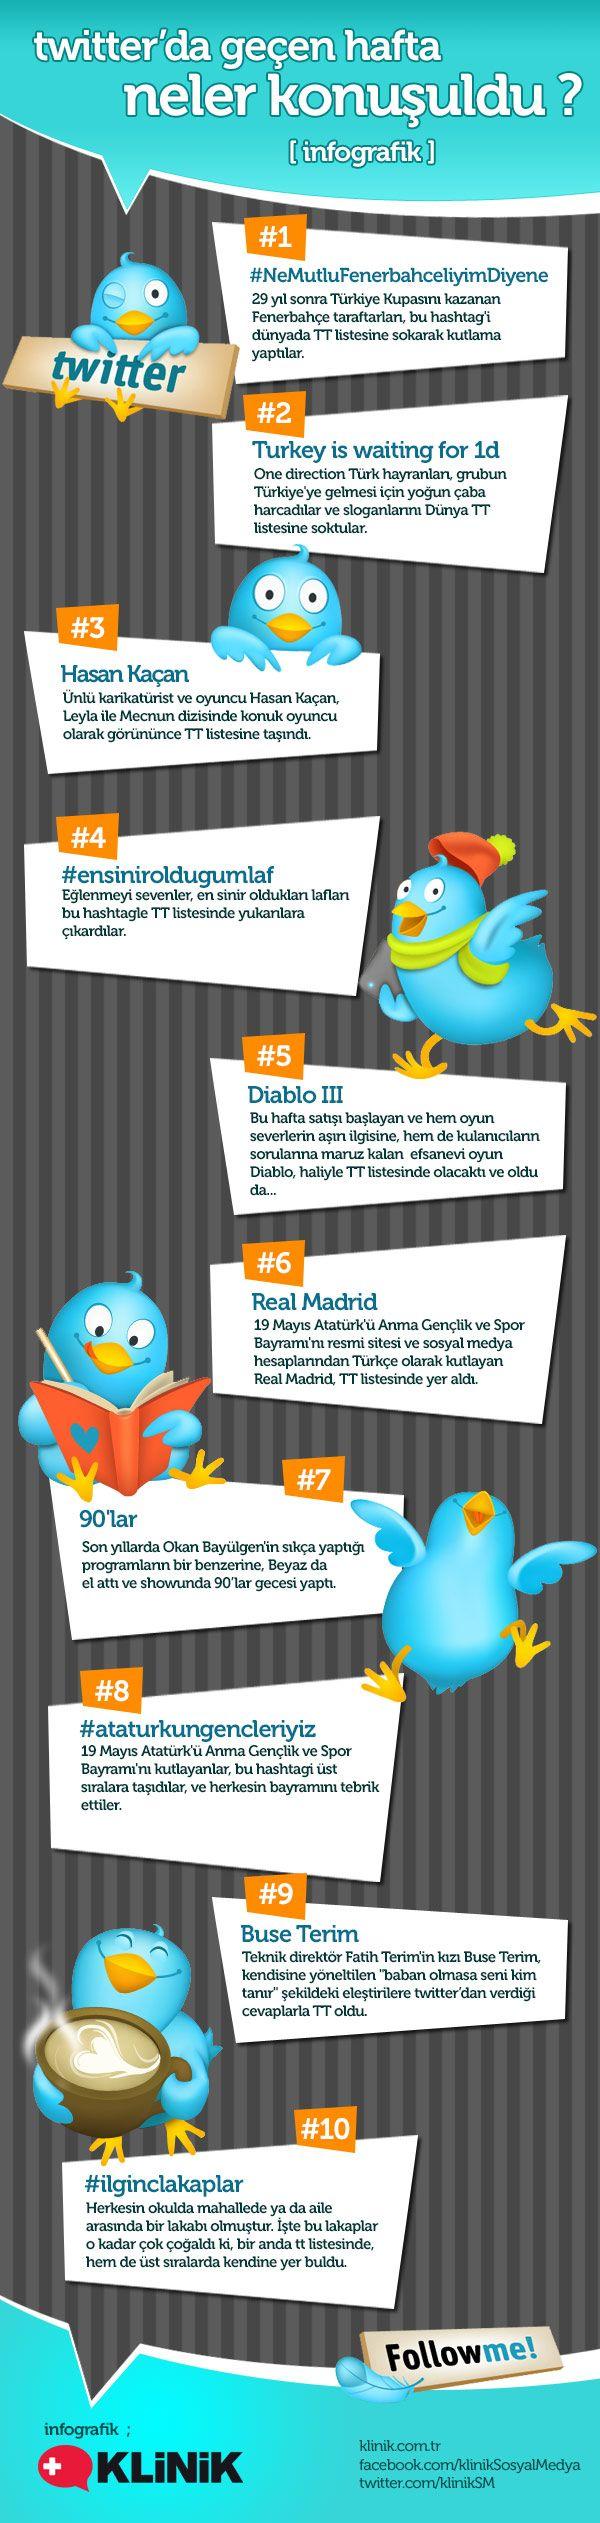 Twitter'da Geçen Hafta Ne Konuşuldu? - #sosyalmedya #sosyalmedyapazarlama #socialmedia #socialmediamarketing #infografik #infographic #trendingtopics #twitter #twittergundemi        14- 20 mayıs tarihlerinde gündemde olan ve Twitter'ın gündemine (Trending Topics) yerleşen konular Klinik Sosyal Medya Ajansı tarafından Efbes.com için hazırlanan infografik ile sizlerle buluşuyor.